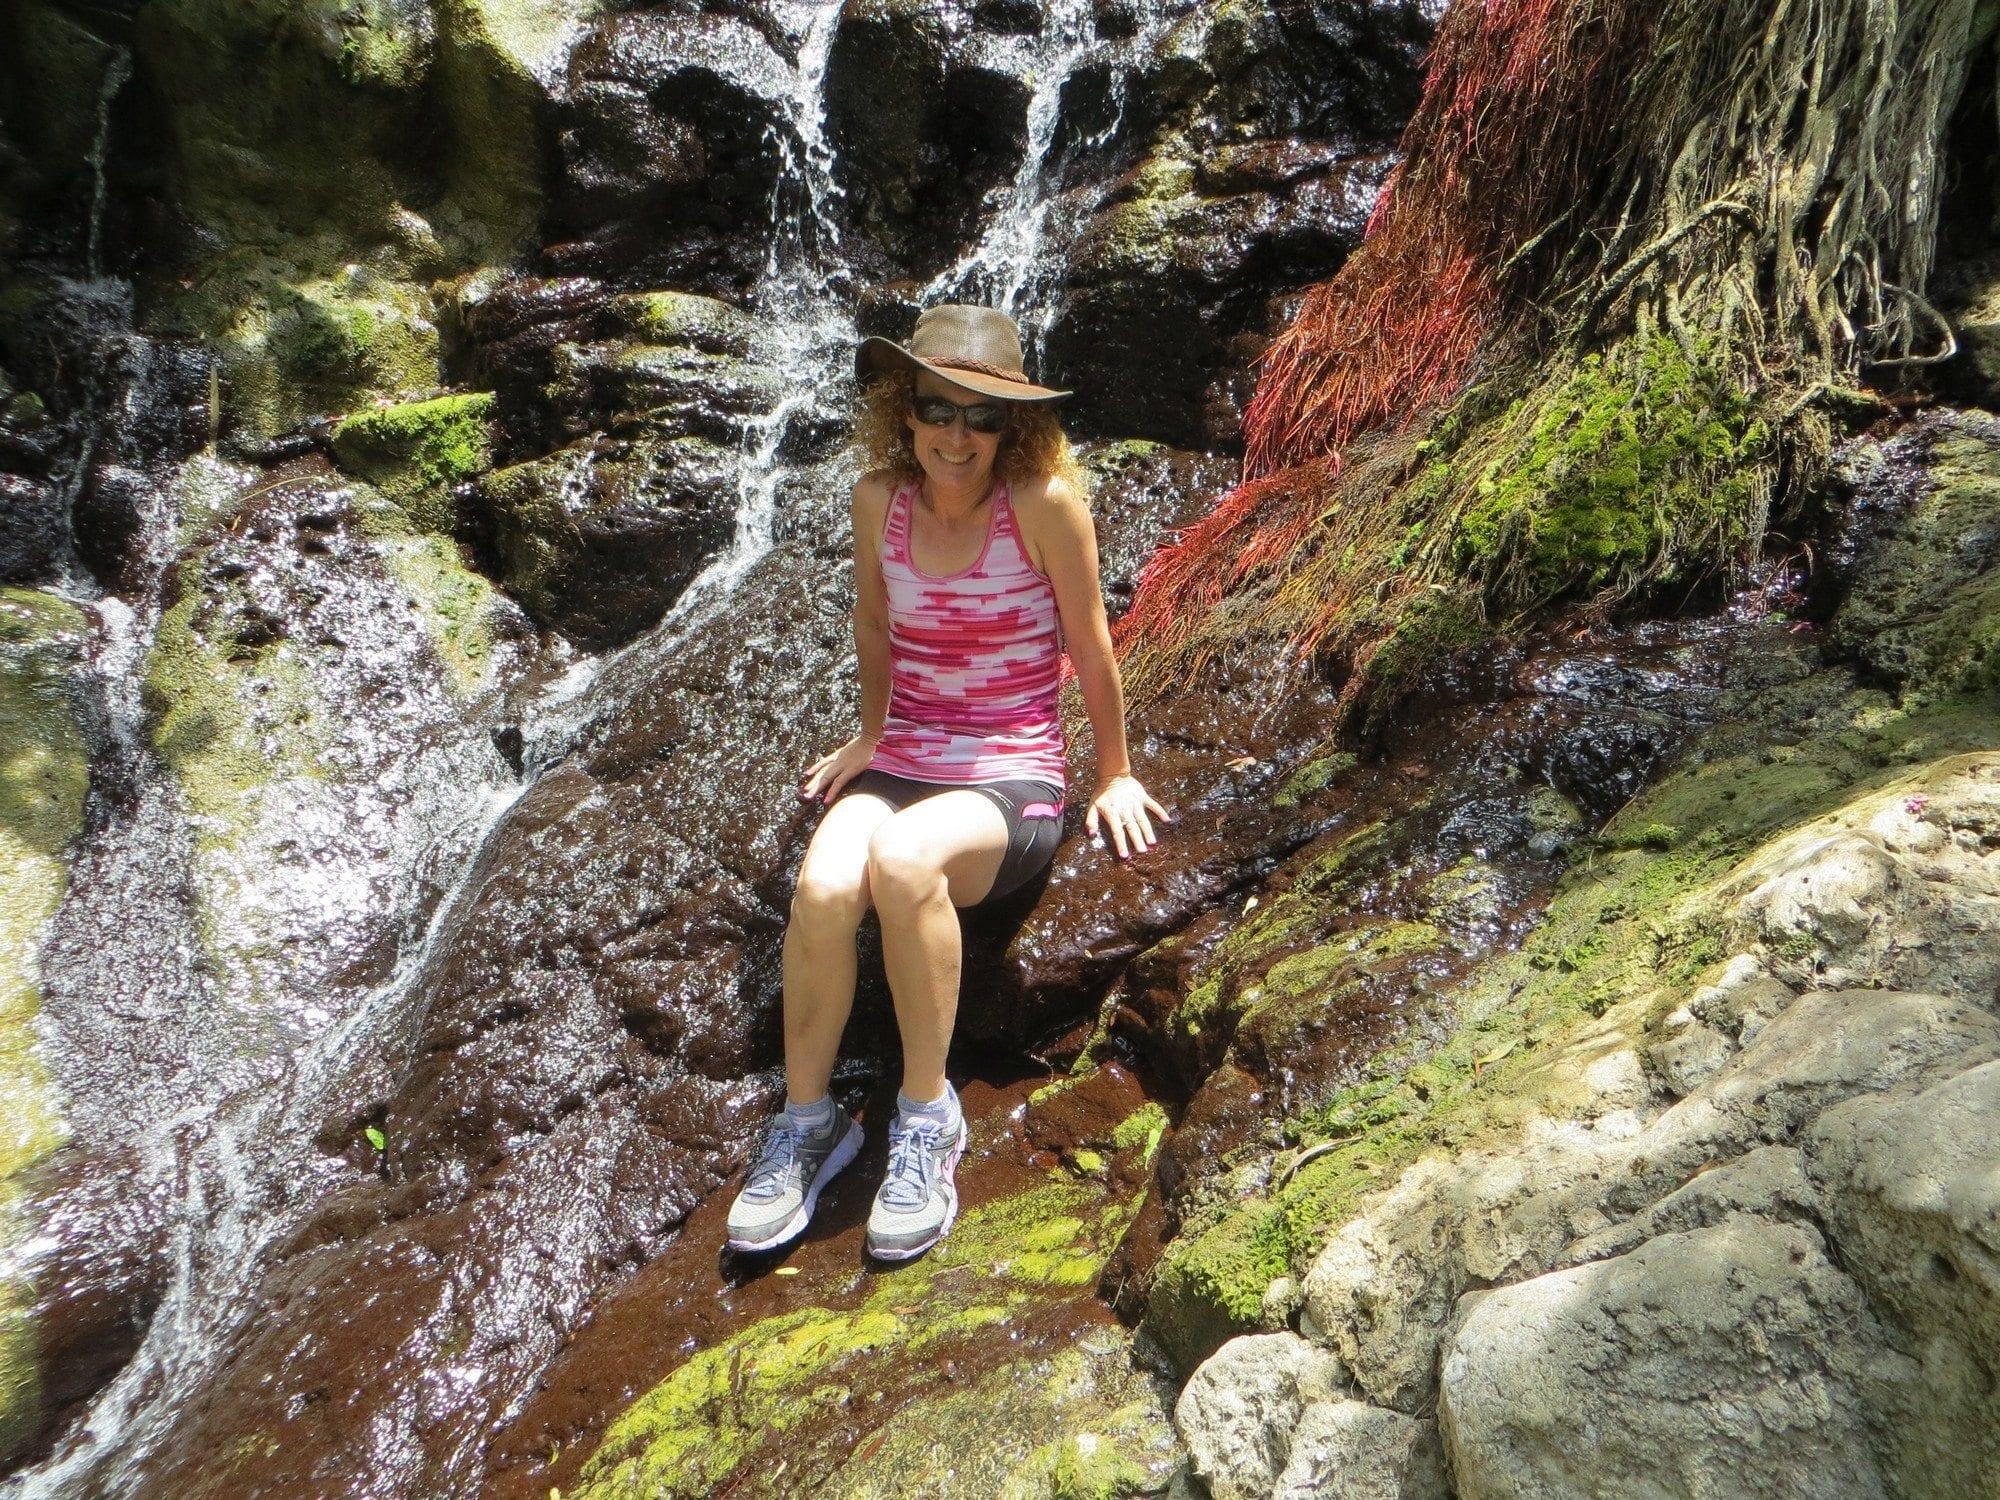 טיול סנפלינג למשפחות בנחל זויתן עם ערוצים בטבע